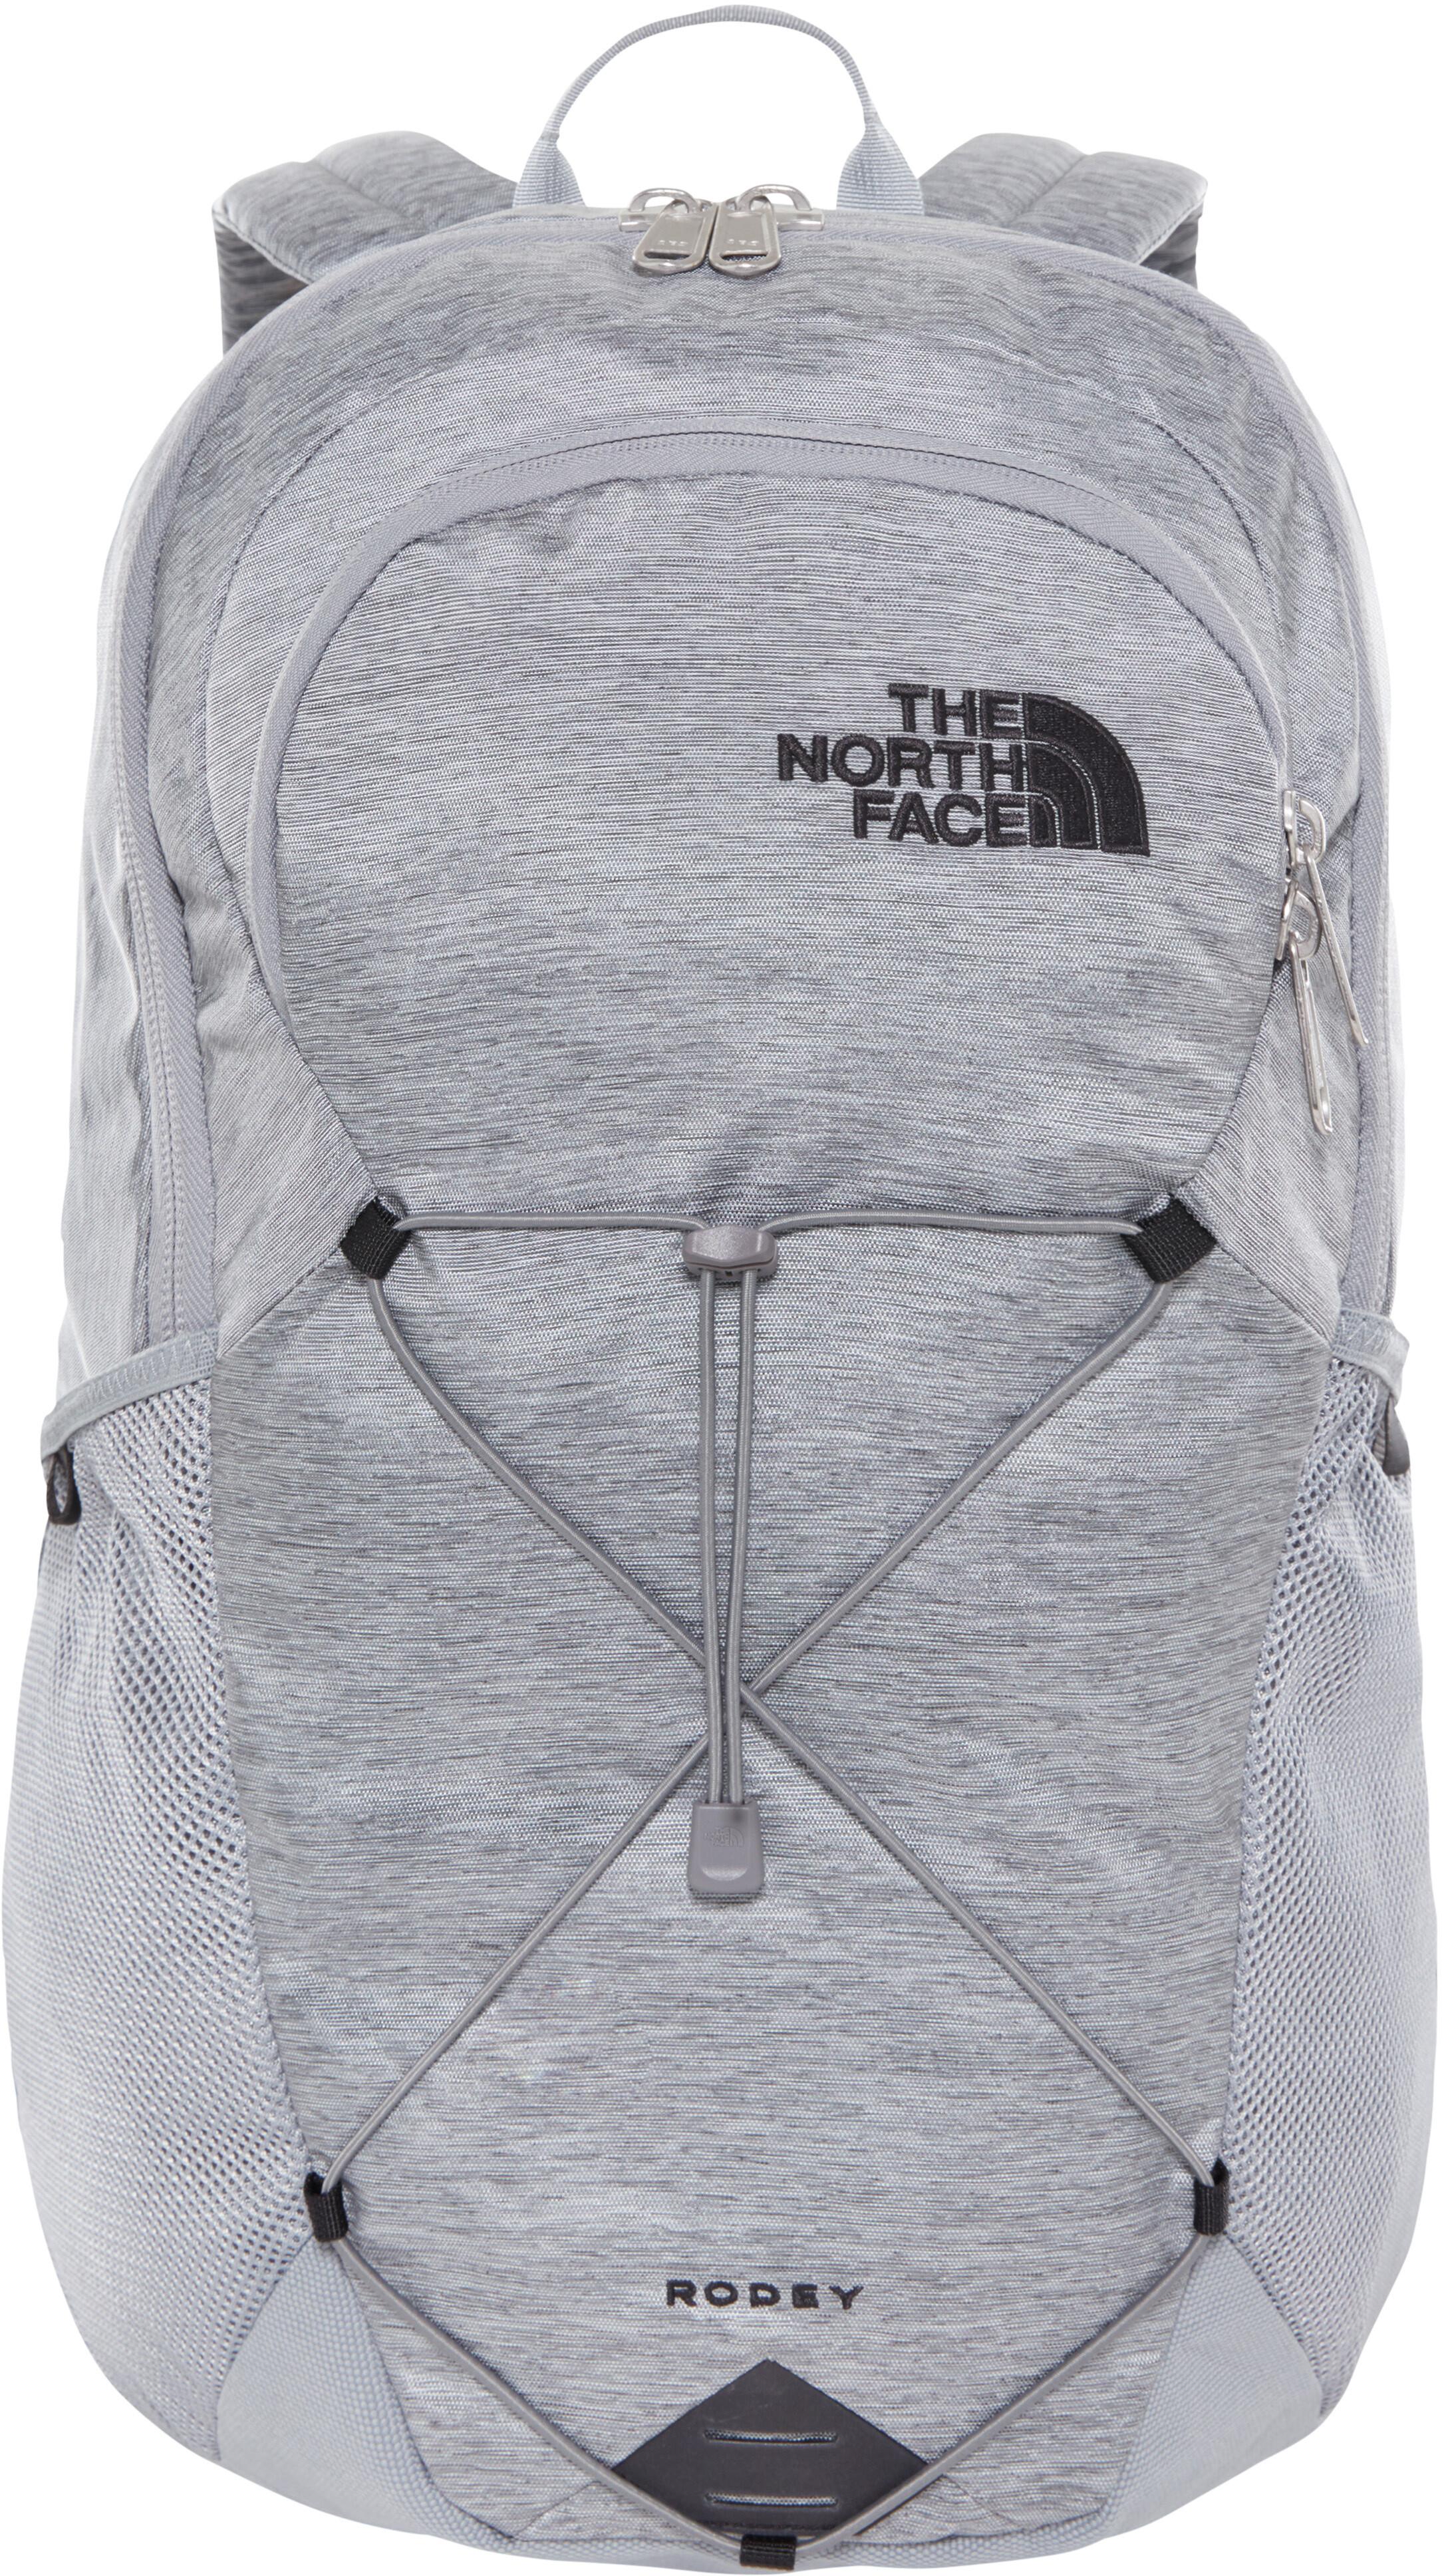 The North Face Rodey Zaino grigio su Bikester 2eeb1f0cae1a